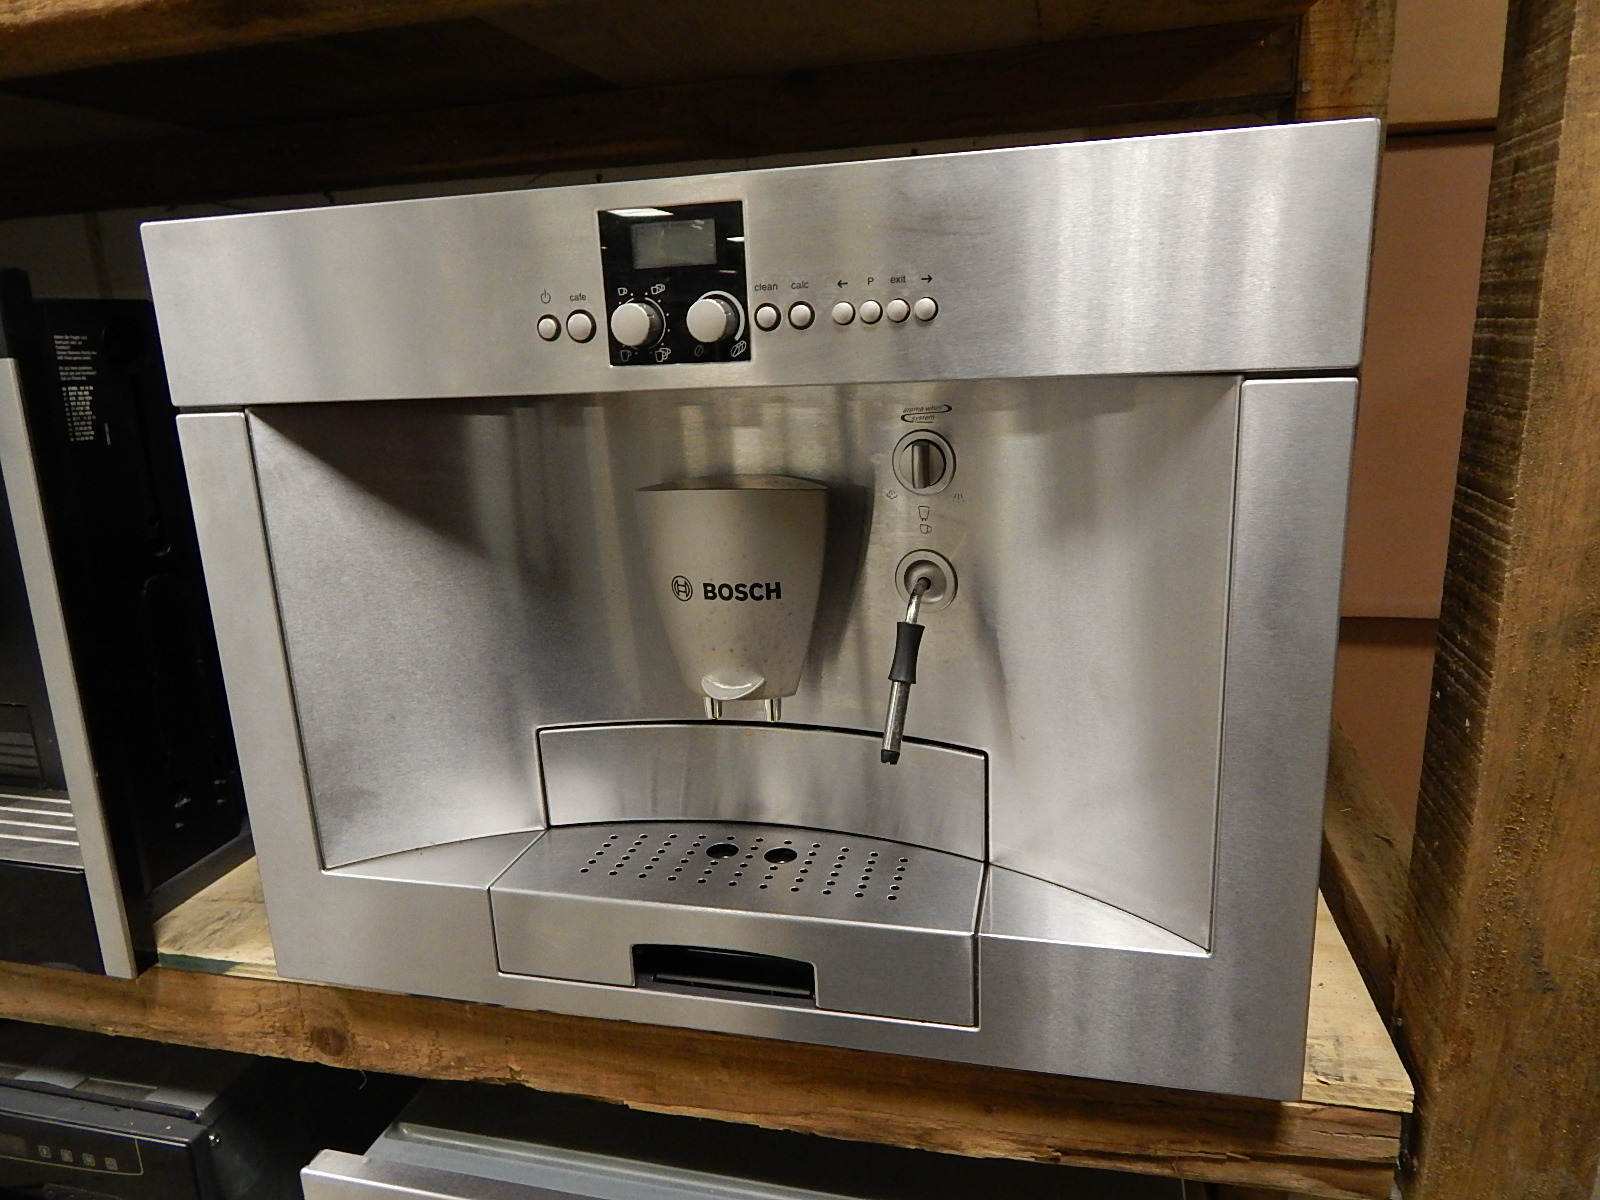 Bosch inbouw koffiemachine